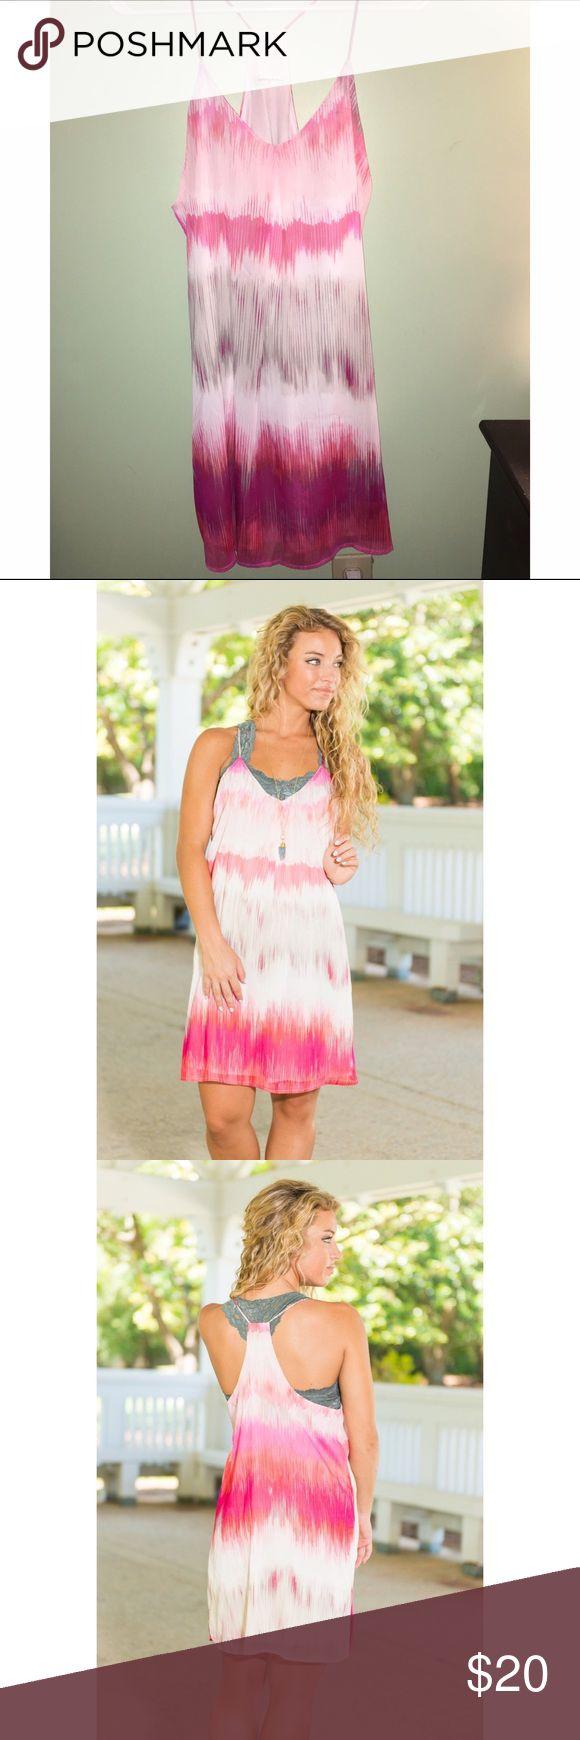 Mint julep boutique dress NO TRADES❌ mint julep boutique Dresses Midi